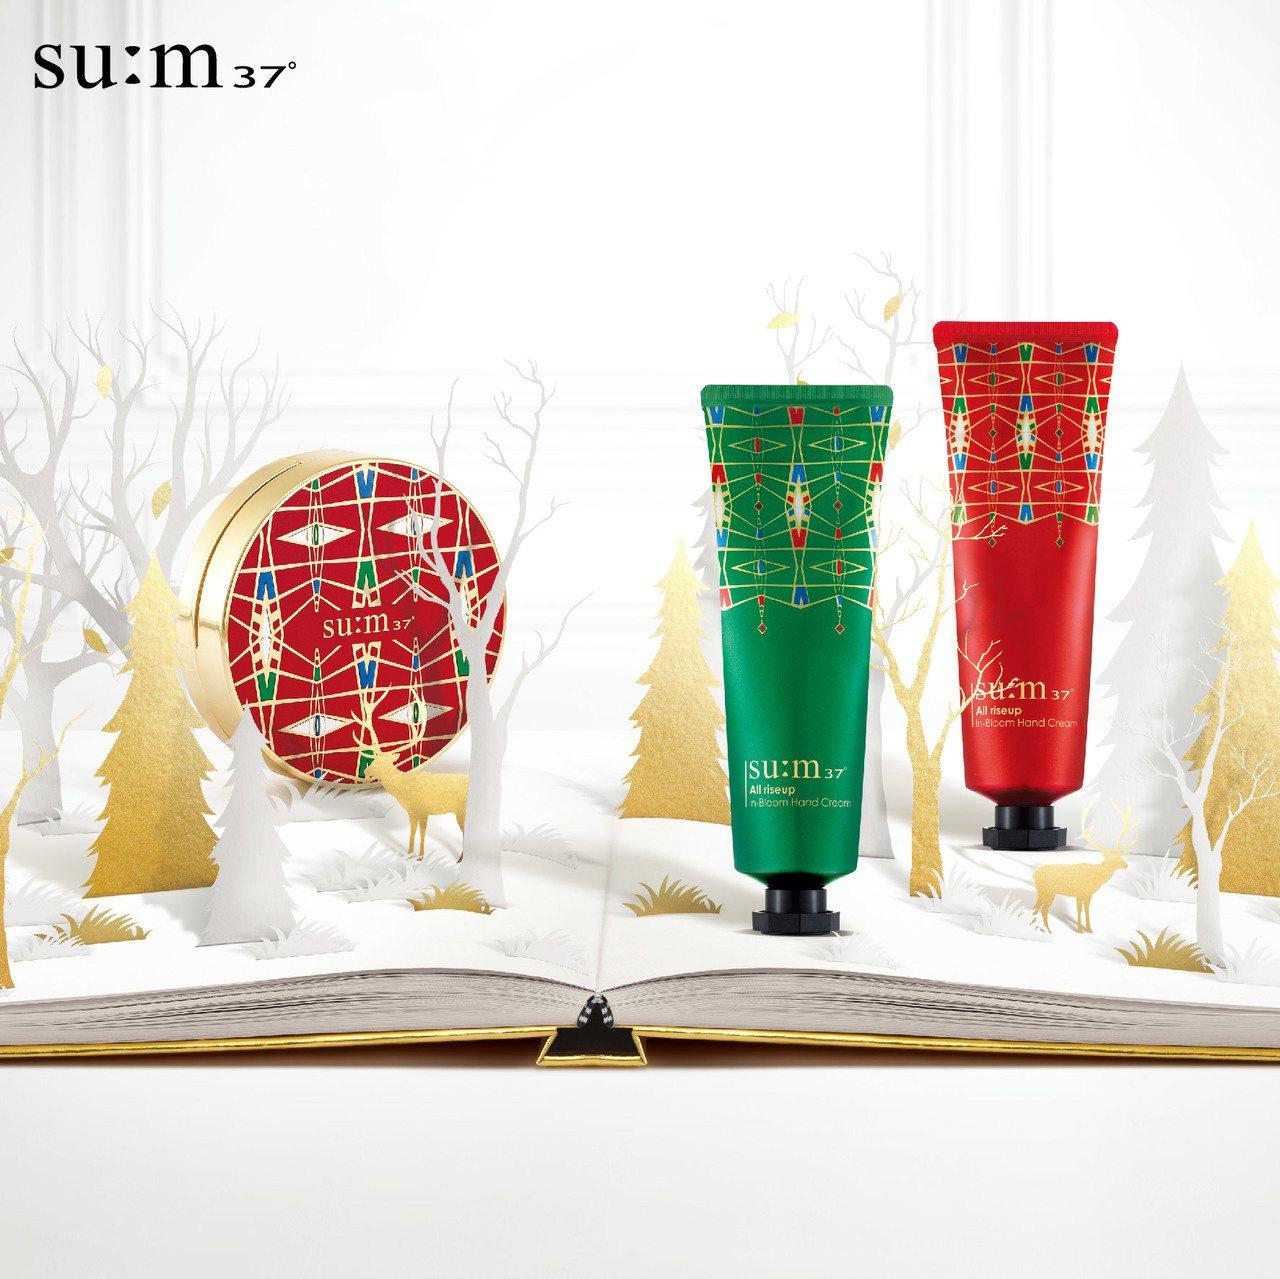 su:m37°耶誕節推出空氣感光漾金屬氣墊粉餅、護手霜典藏組。圖/甦秘提供